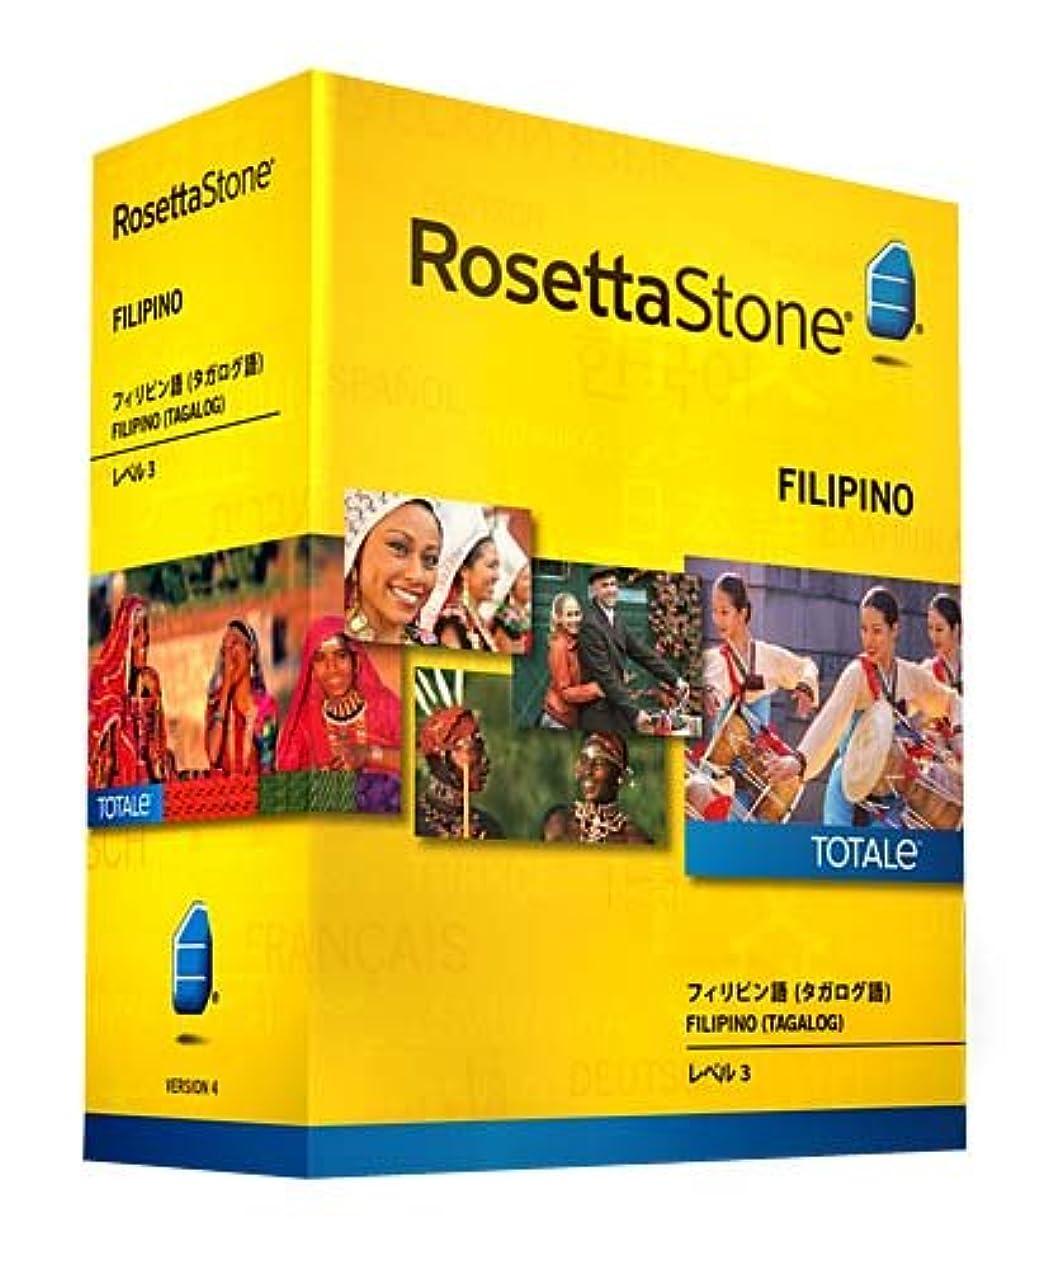 発症買収満足させるロゼッタストーン フィリピン語 (タガログ語) レベル3 v4 TOTALe